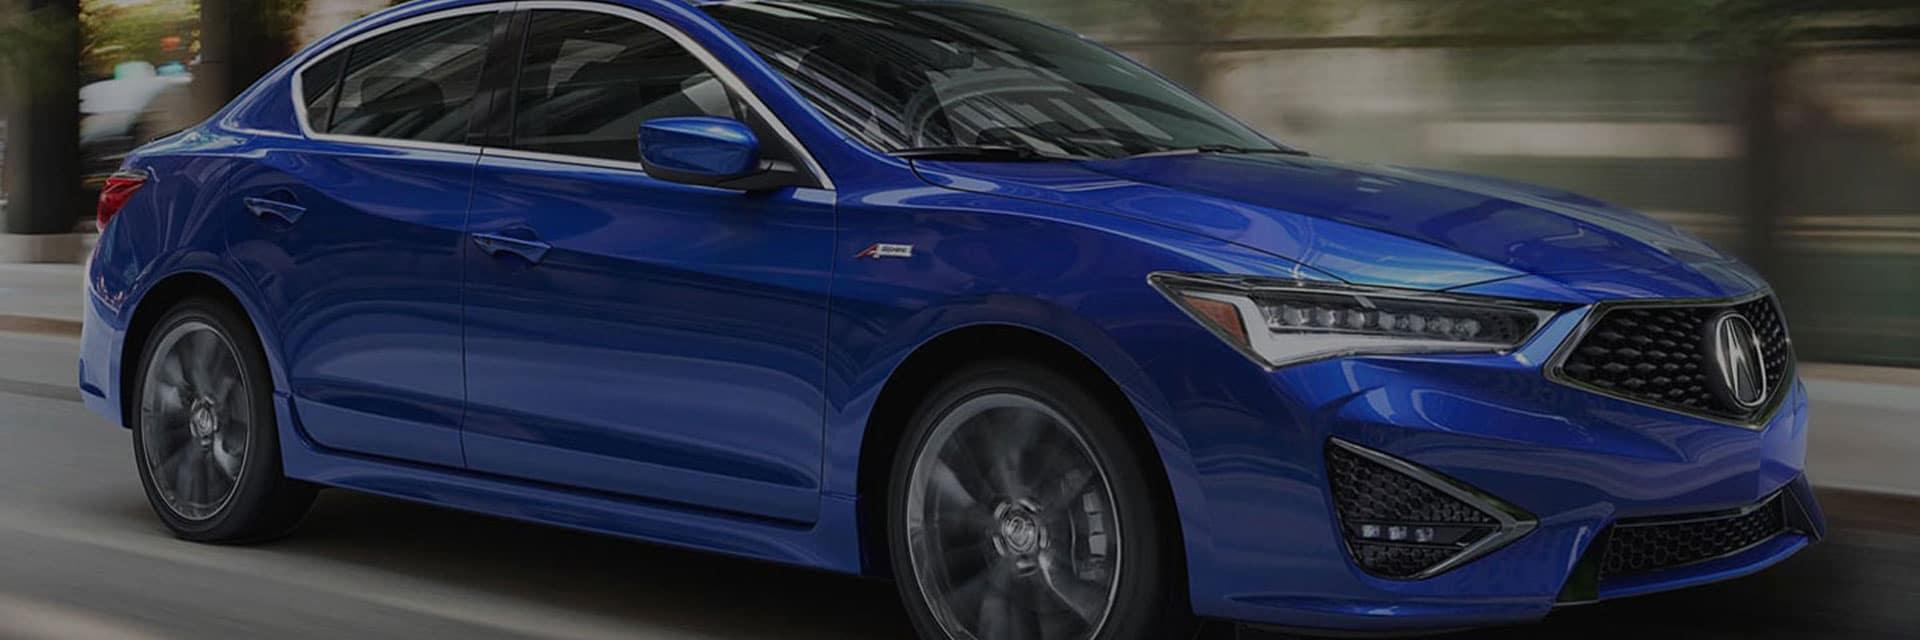 Blue sedan driving down a road